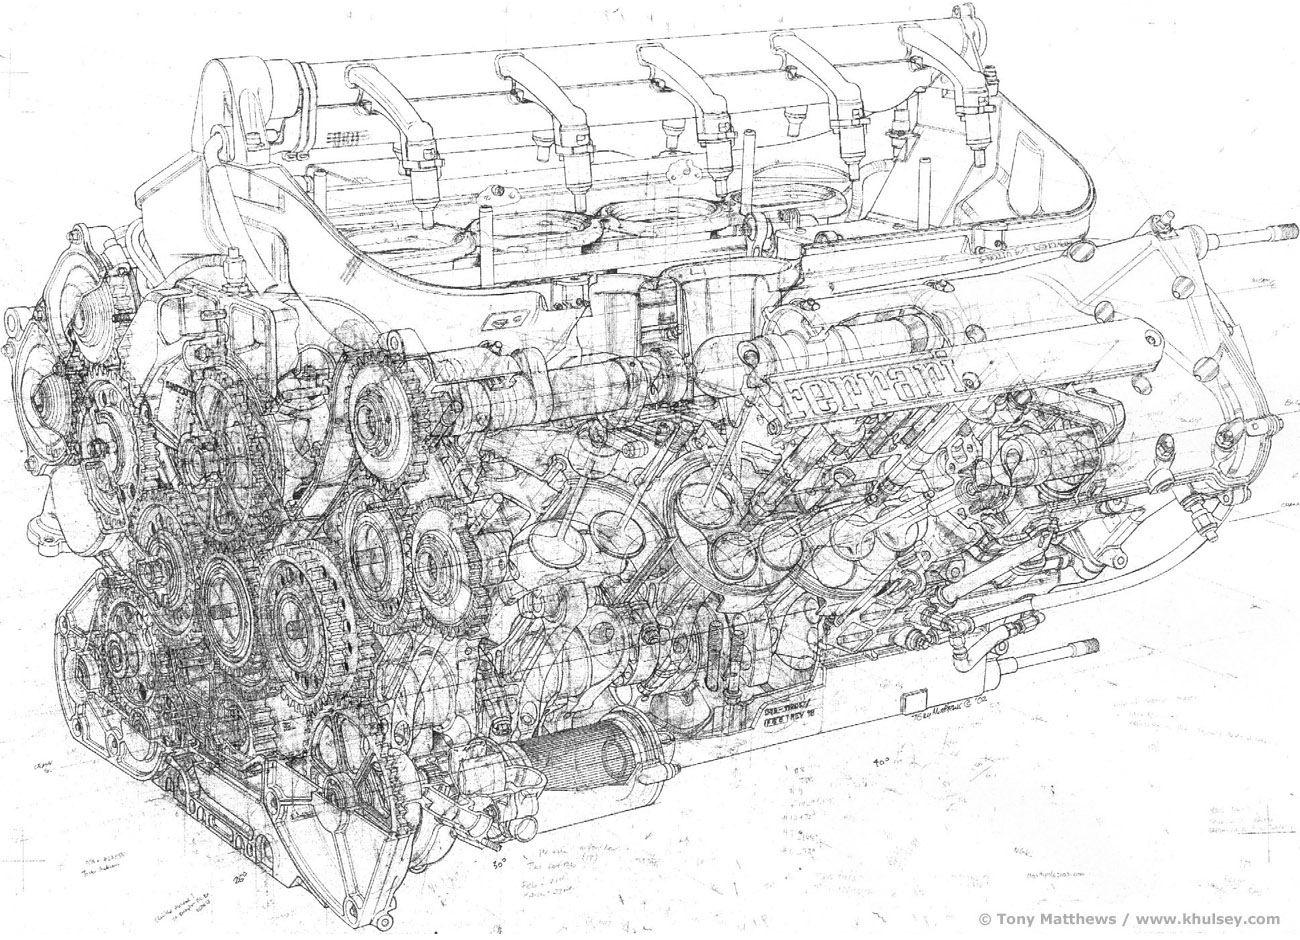 ferrari engine diagram wiring diagram today ferrari engine diagram ferrari engine diagram [ 1300 x 940 Pixel ]